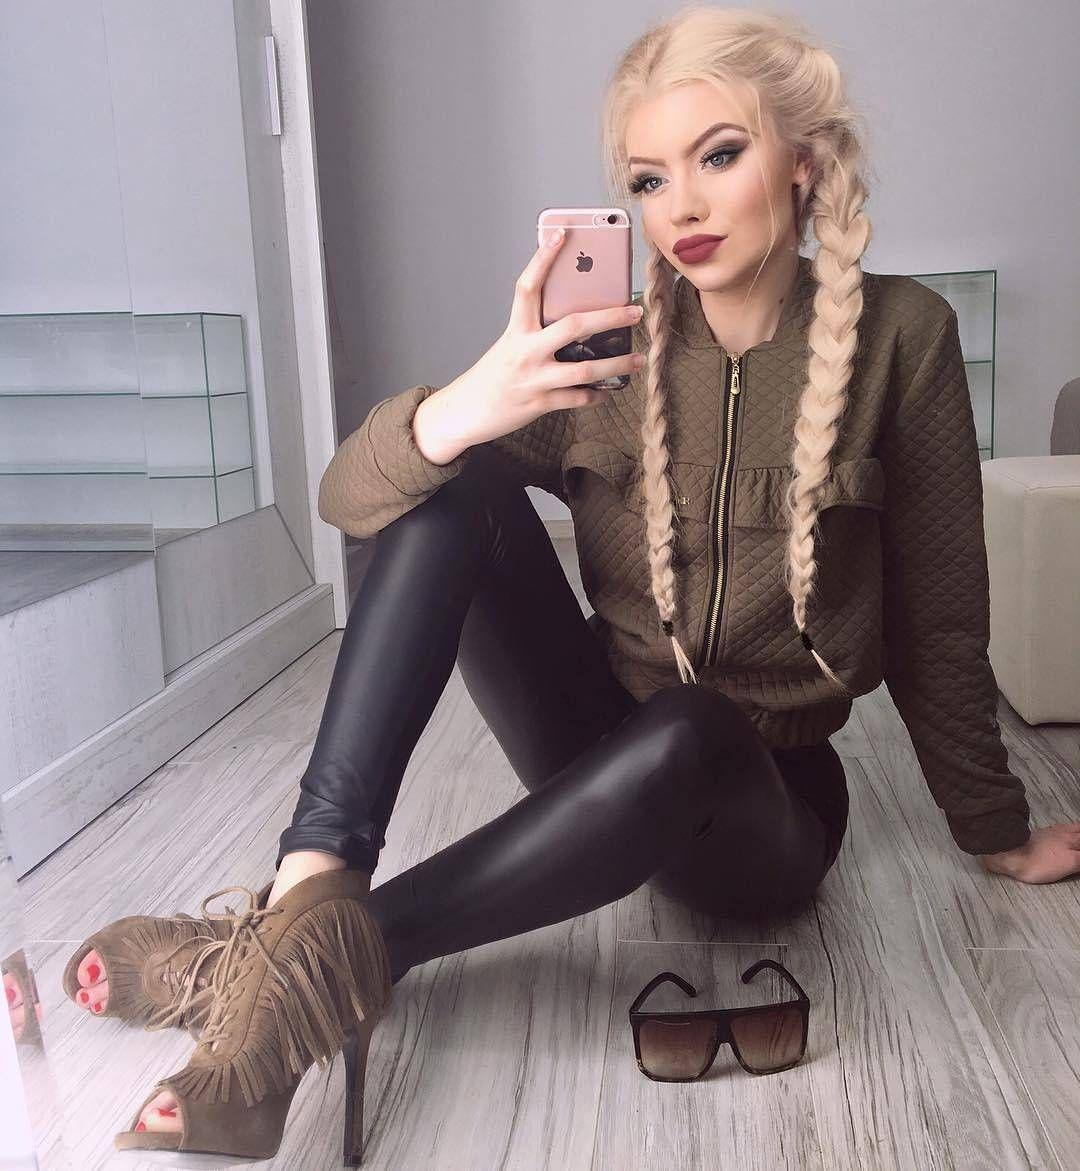 Classy reife hilft blonde babe verkleiden sich